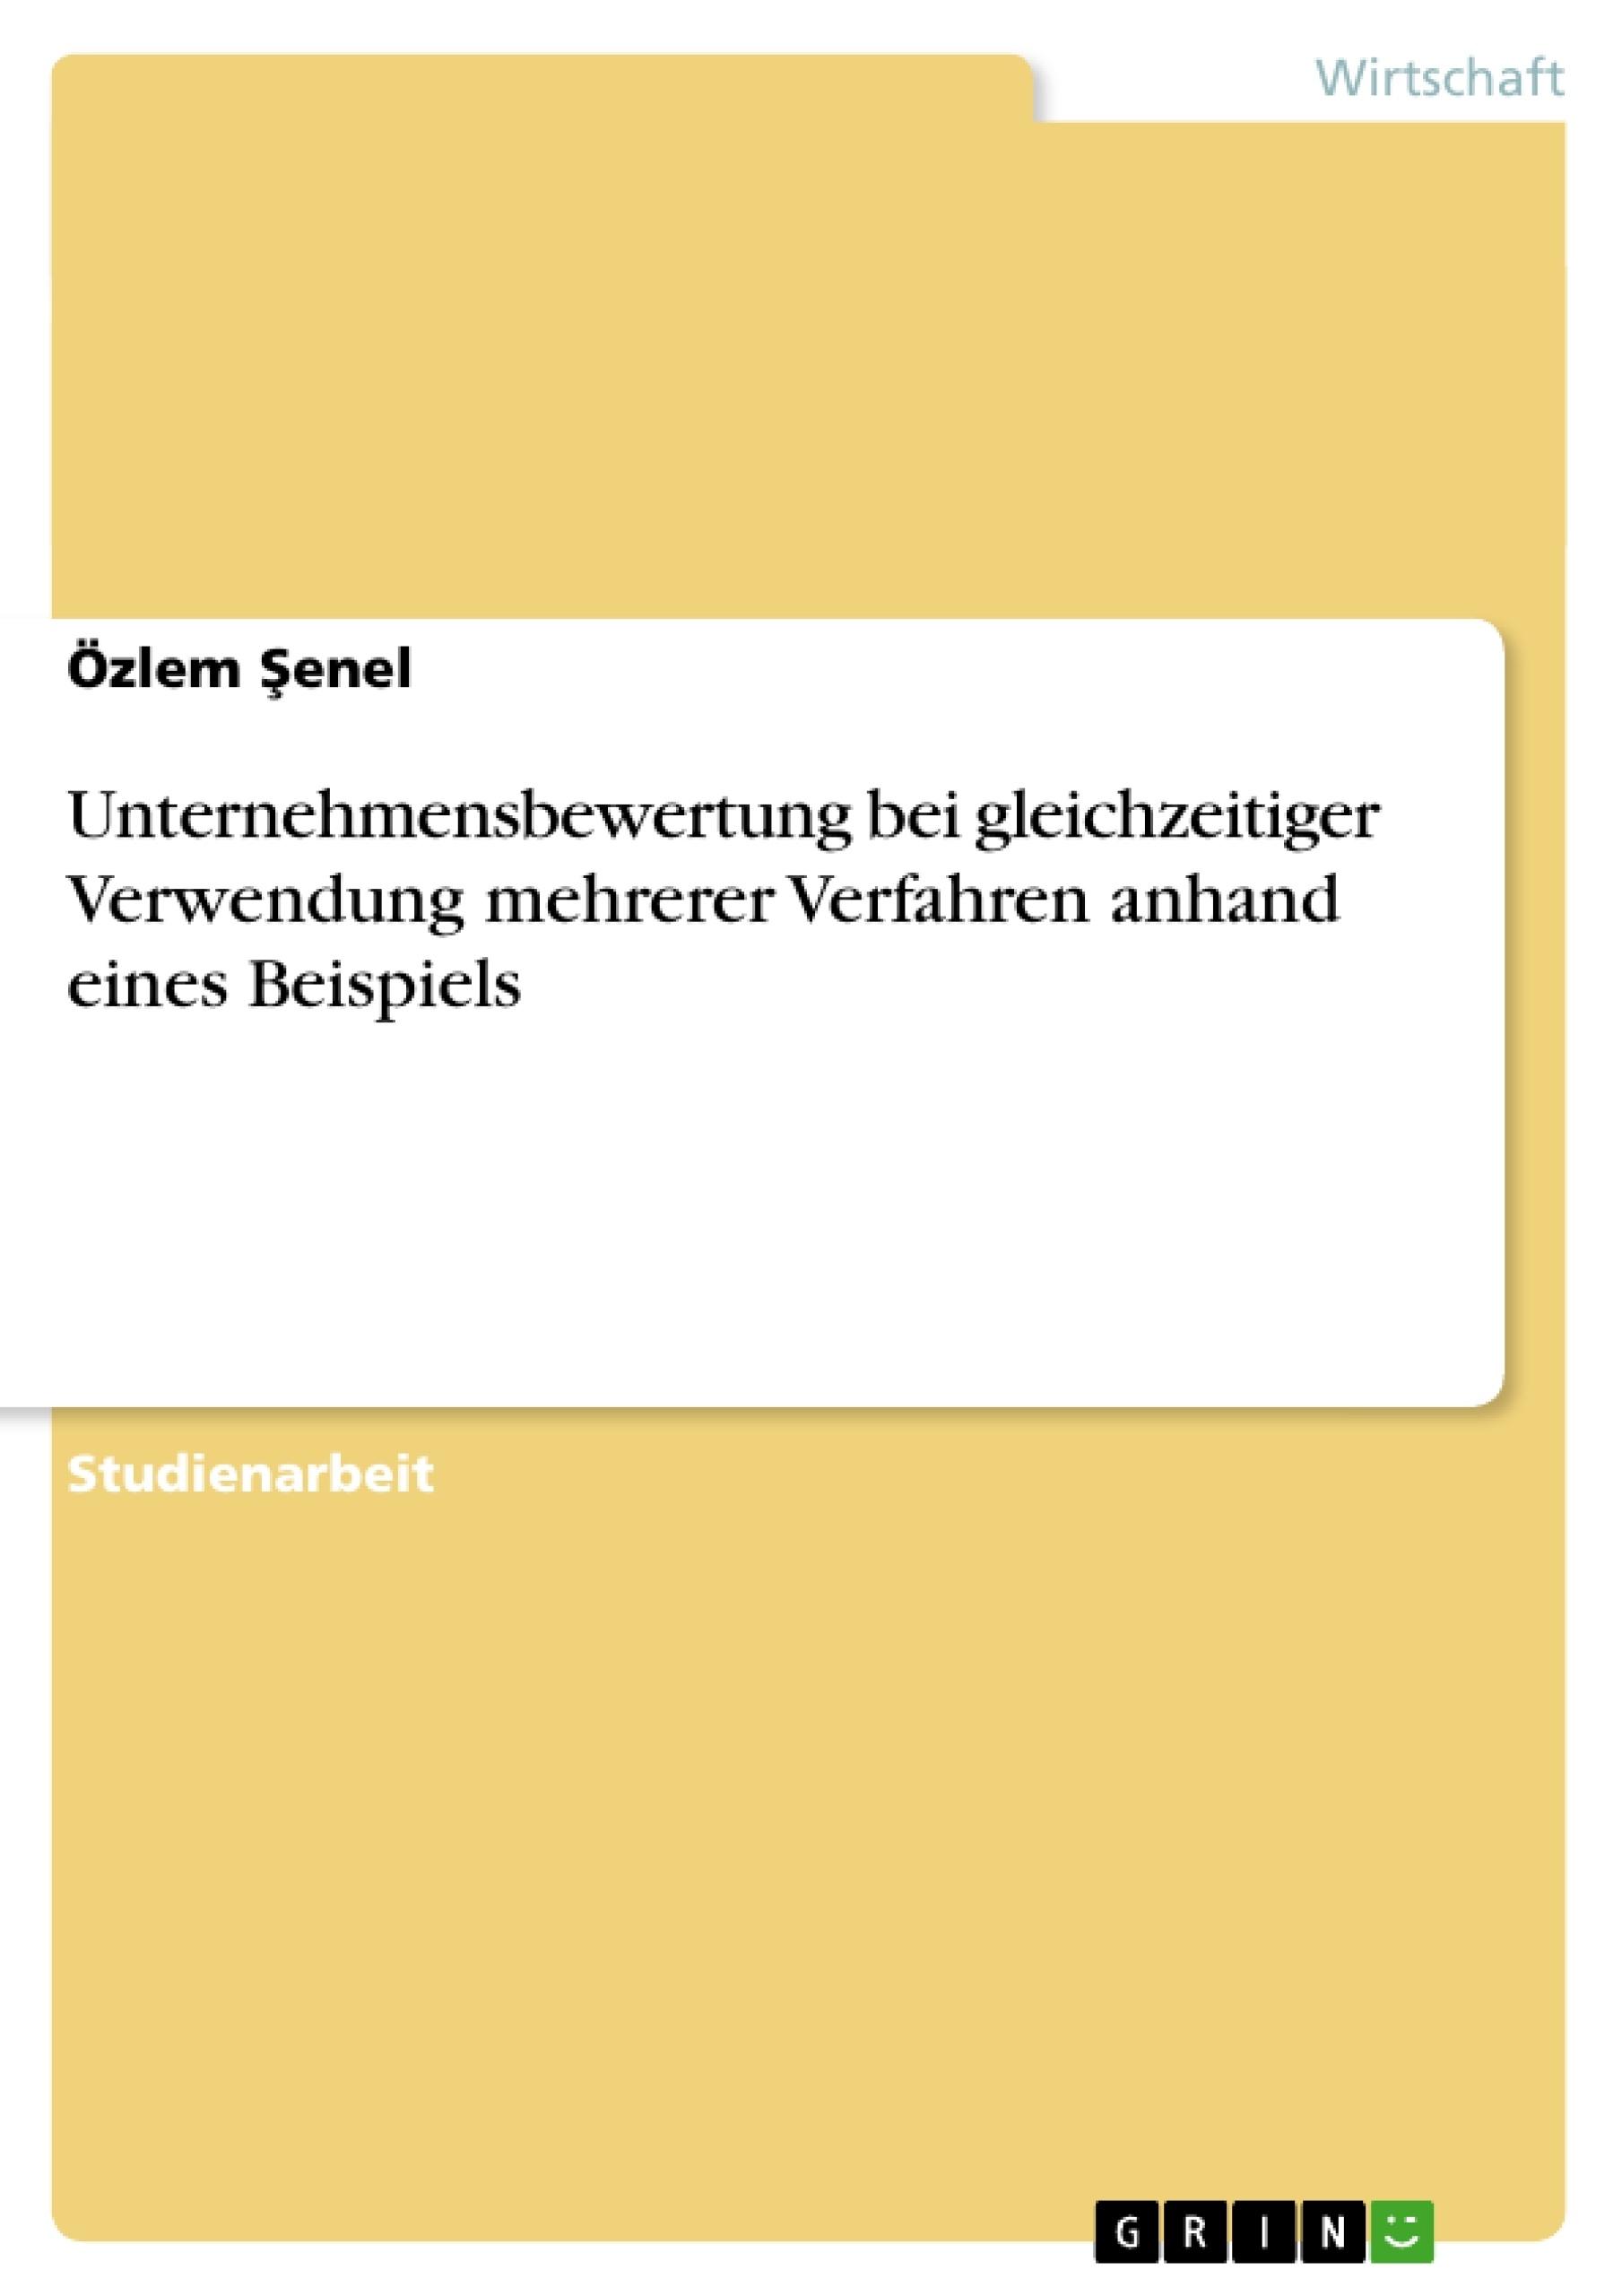 Titel: Unternehmensbewertung bei gleichzeitiger Verwendung mehrerer Verfahren anhand eines Beispiels